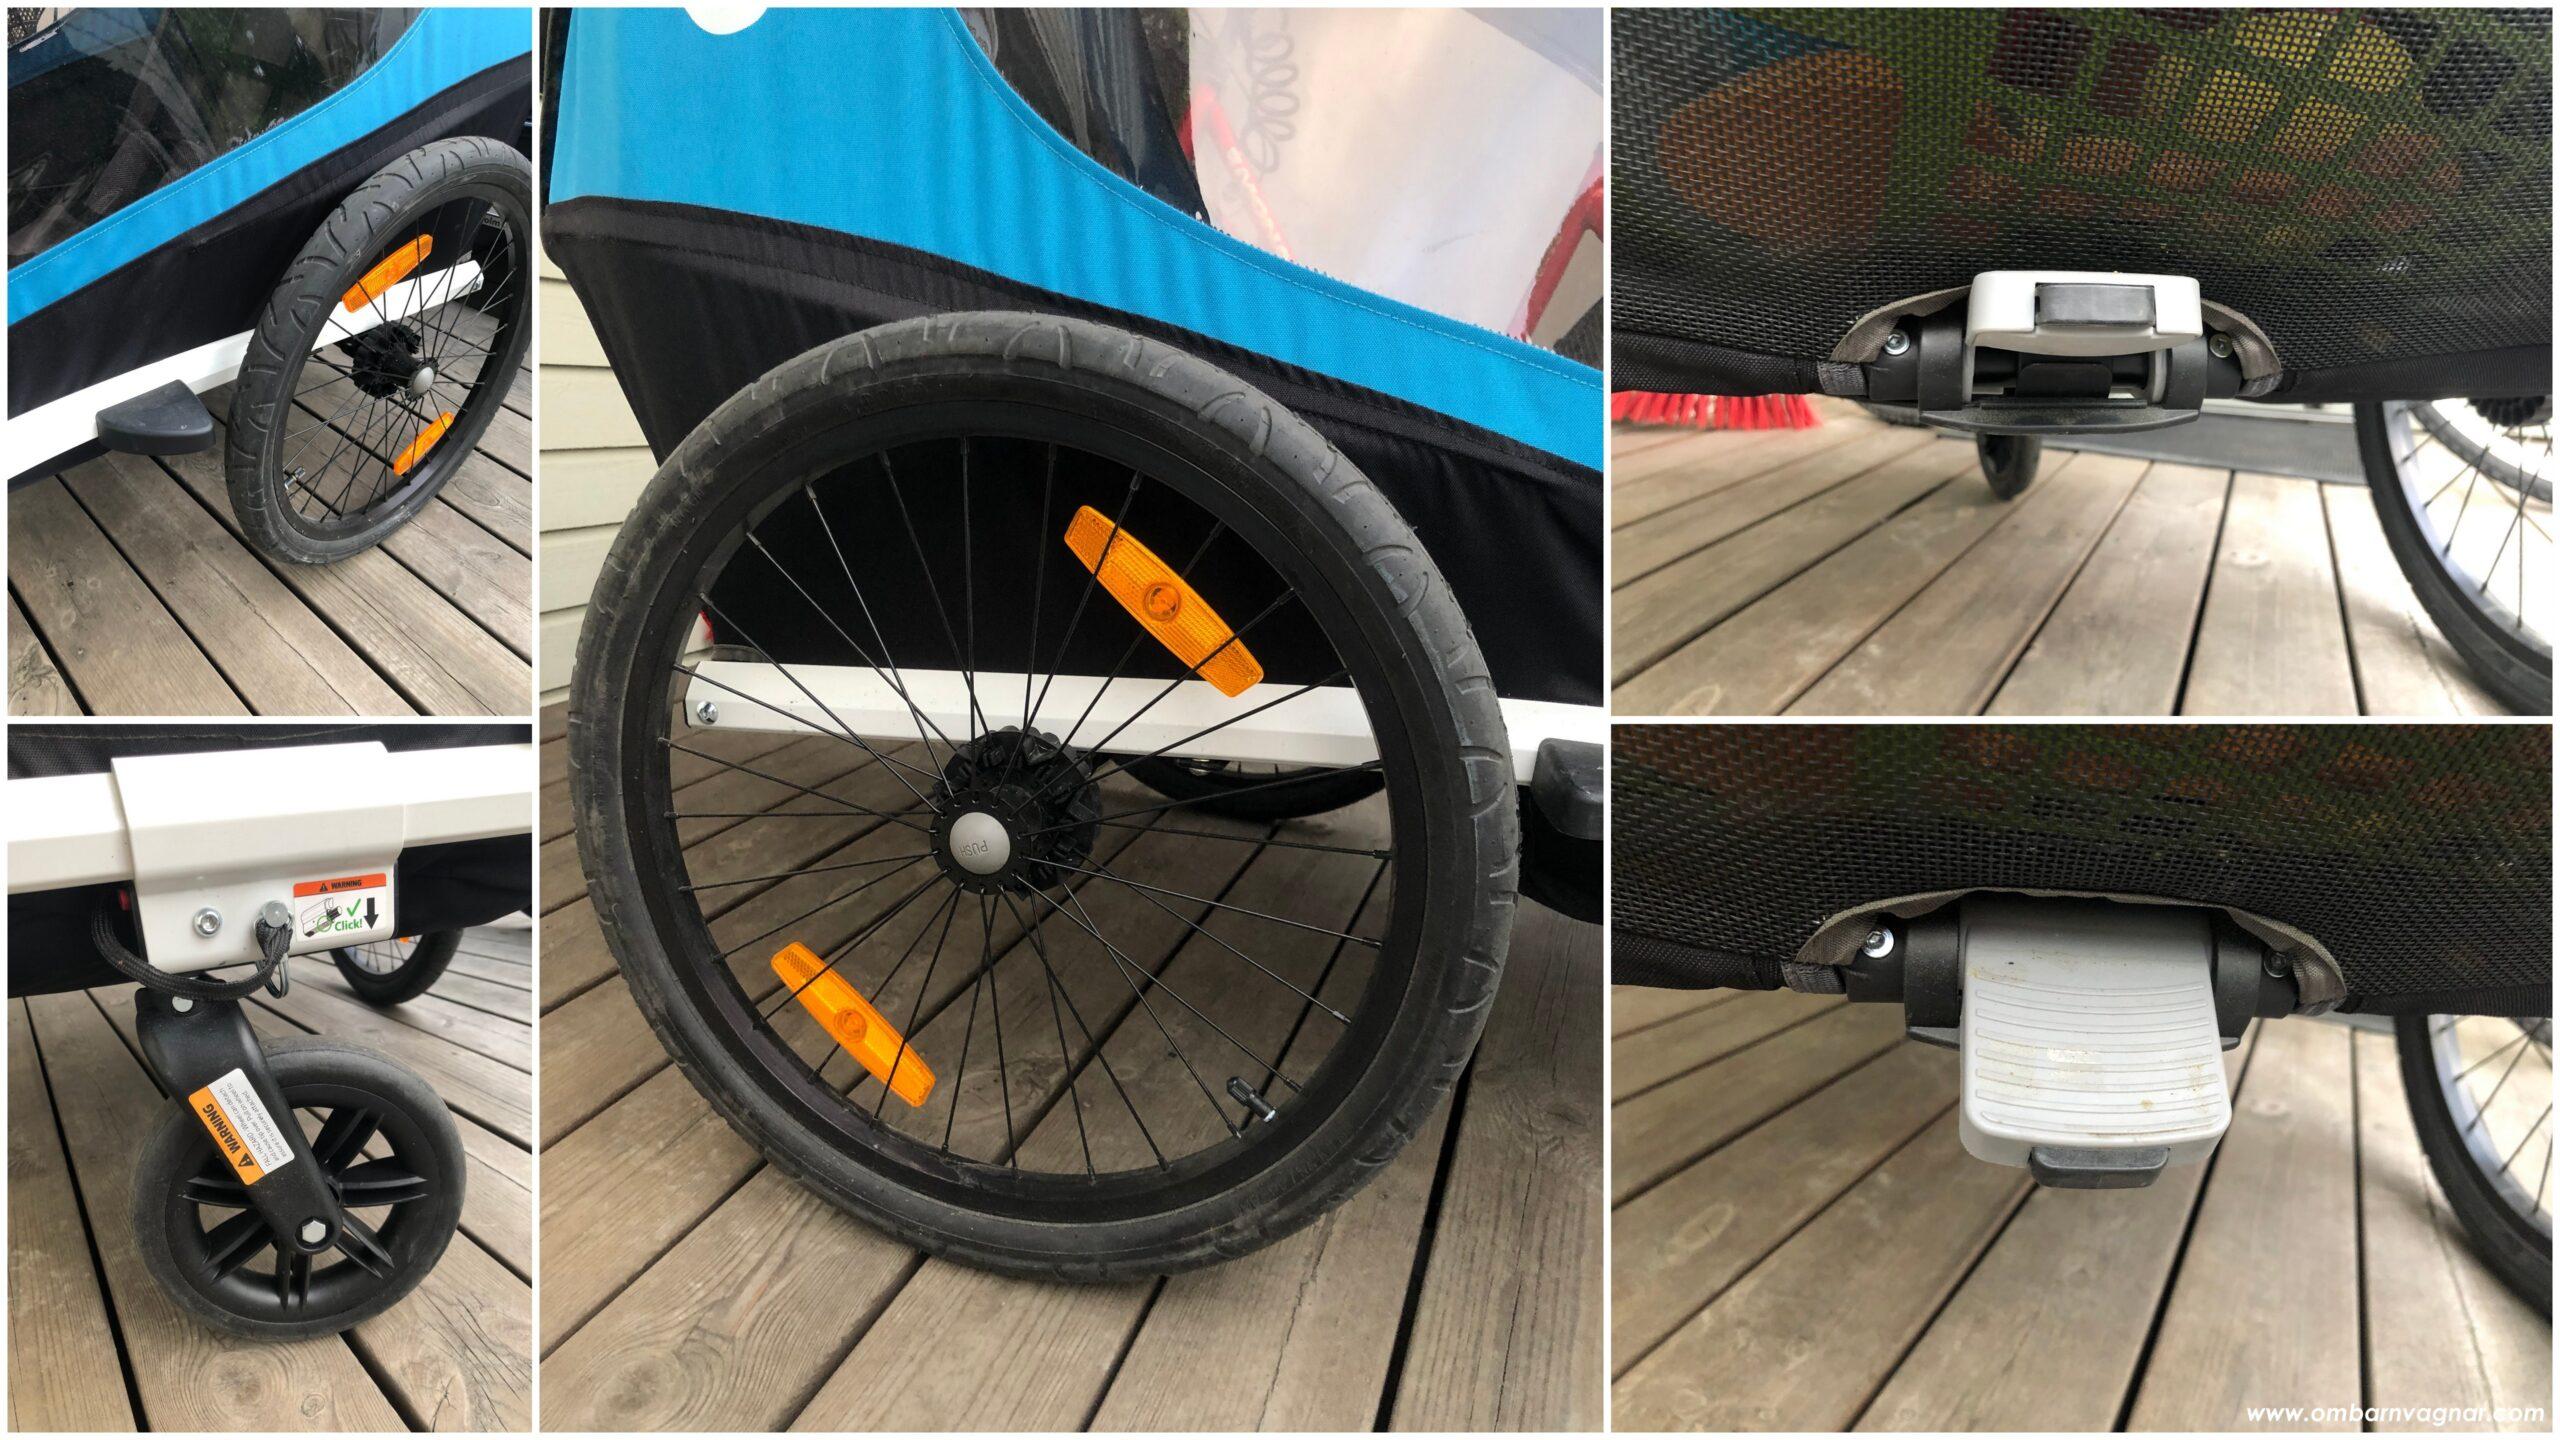 Hamax Traveller stora lufthjul, litet promenadhjul och smart broms